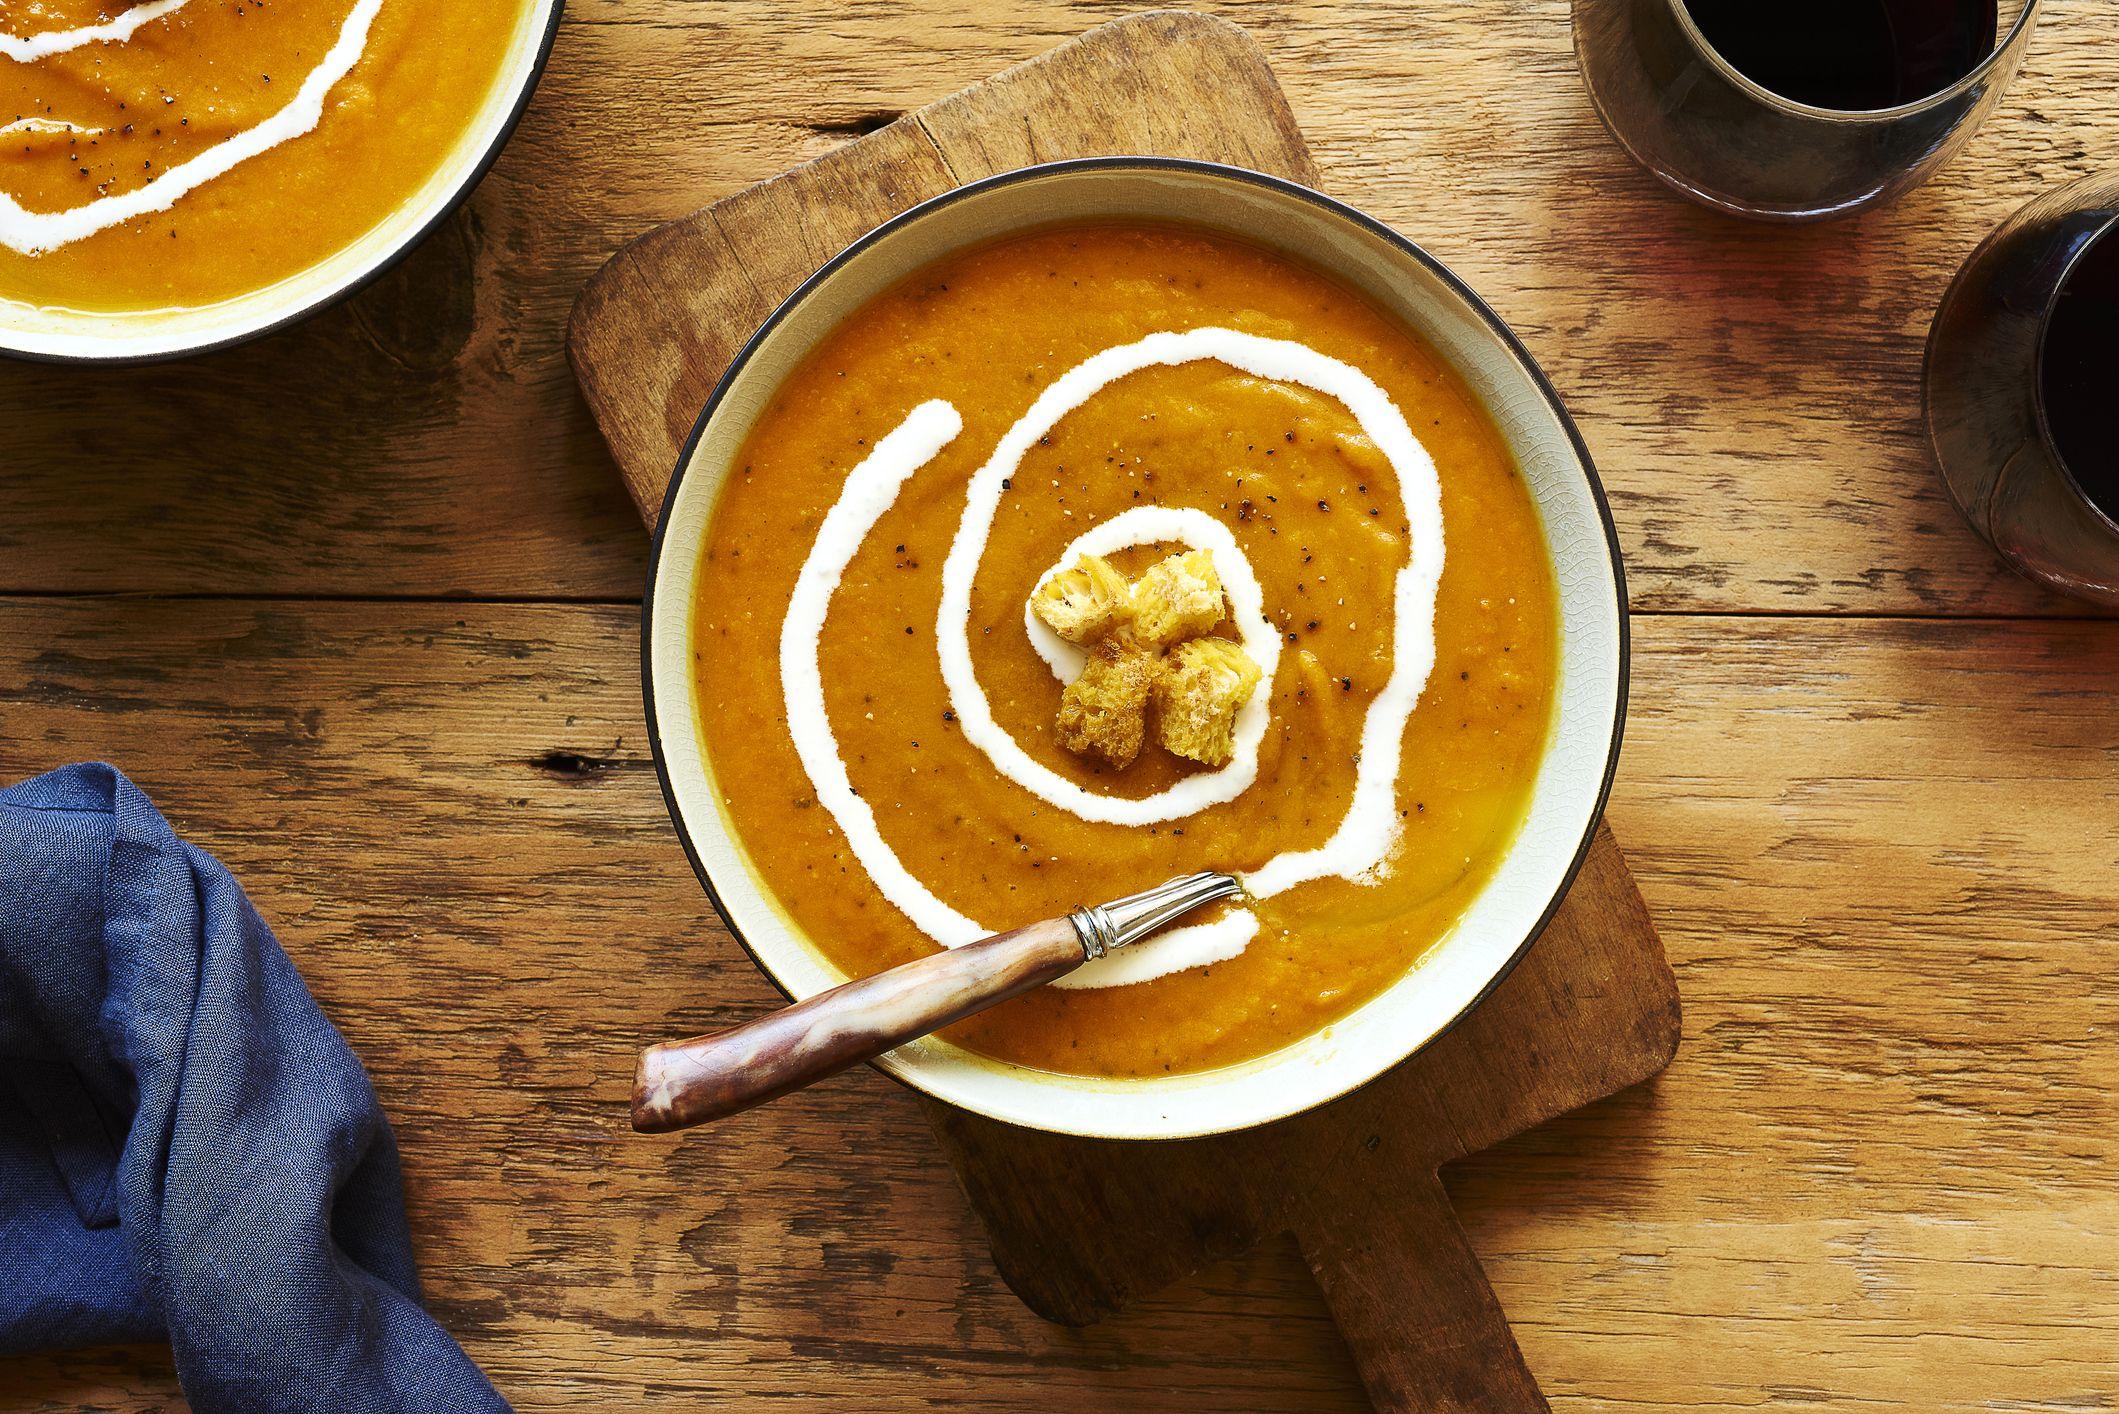 Squash and saffron soup. Getty Images.